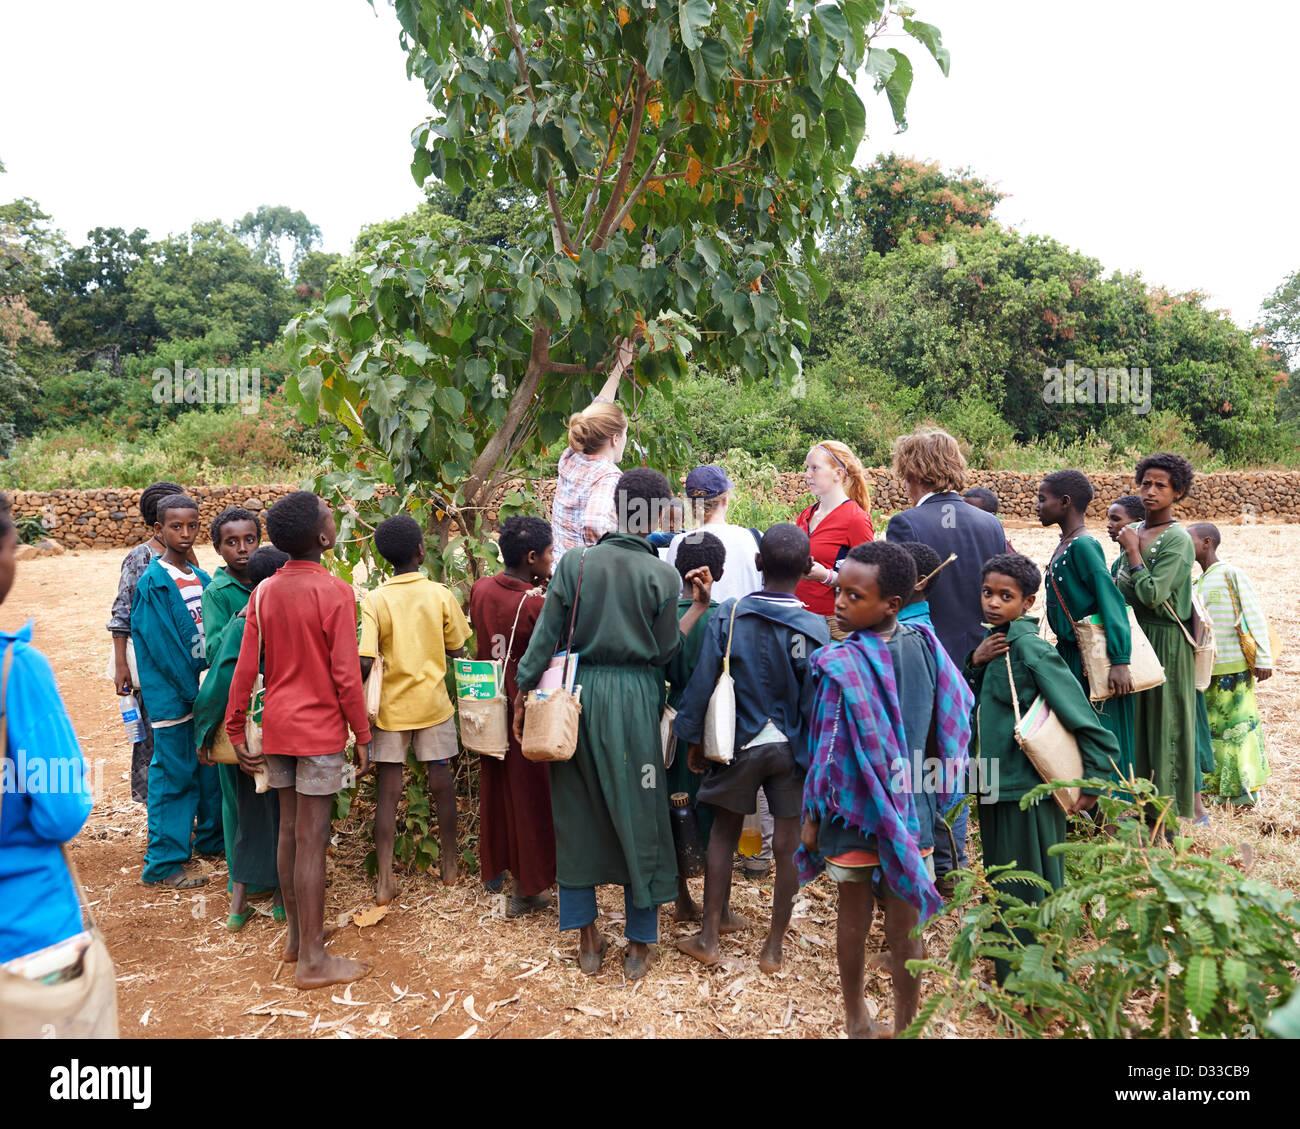 Kinder versammeln sich um Forschungswissenschaftler untersuchen Insekten in einem Feld Stockbild